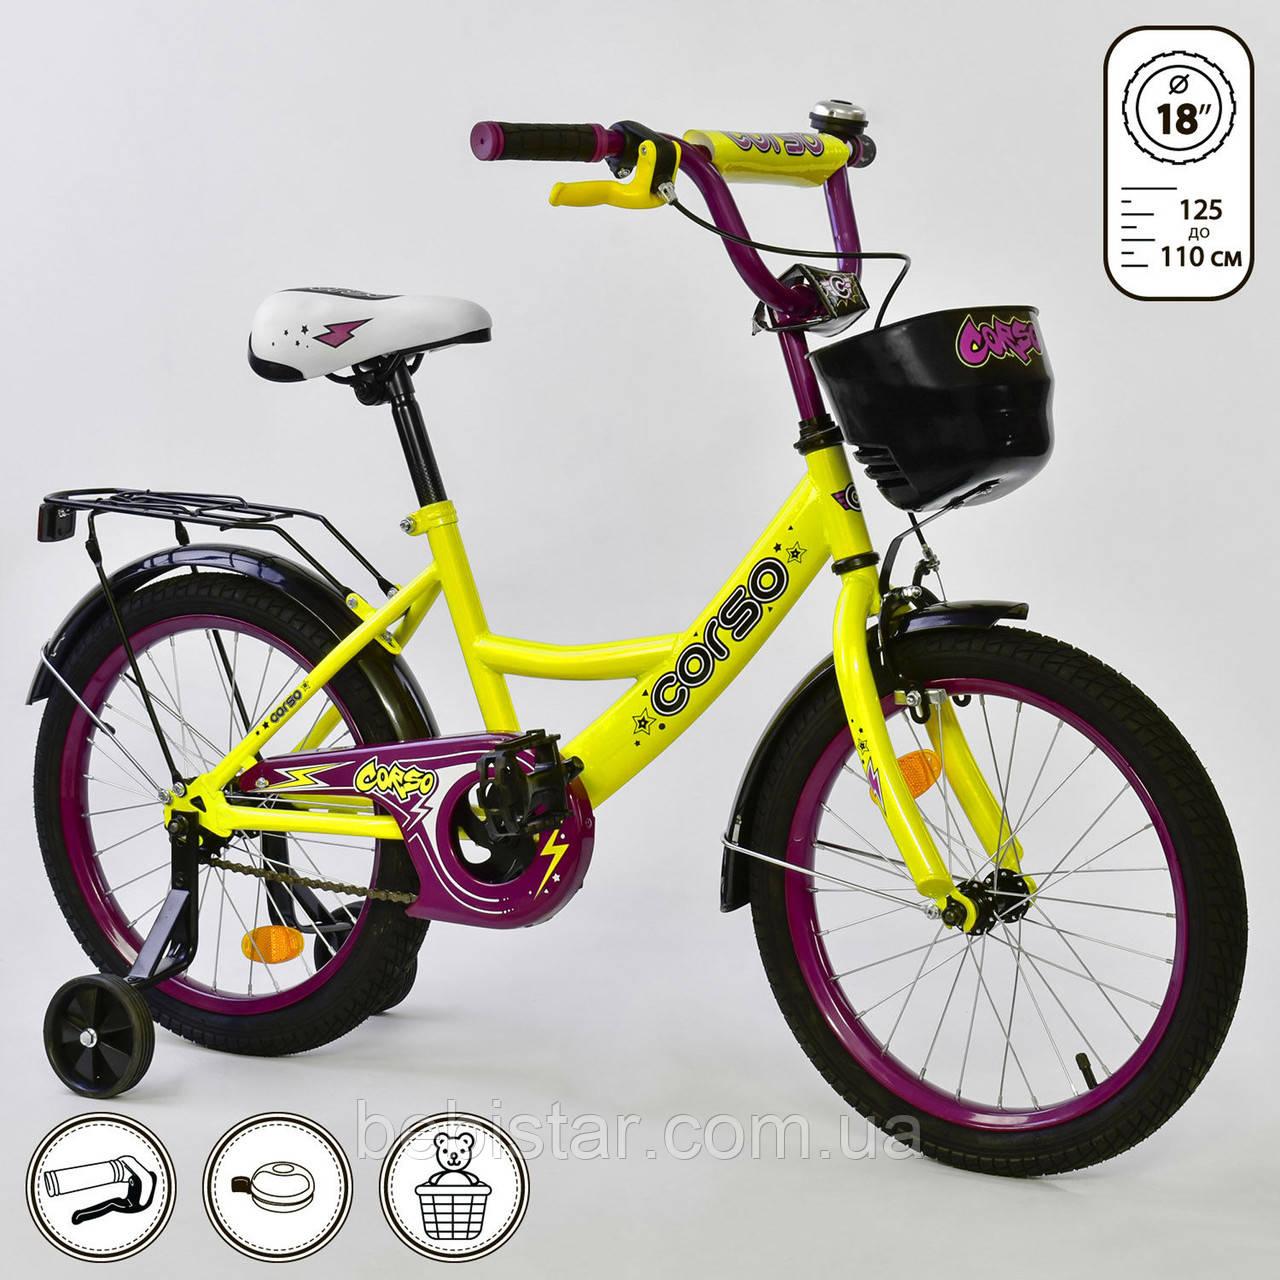 """Детский двухколесный велосипед желтый, дополнительные колеса, ручной тормоз Corso 18"""" детям 5-7 лет"""